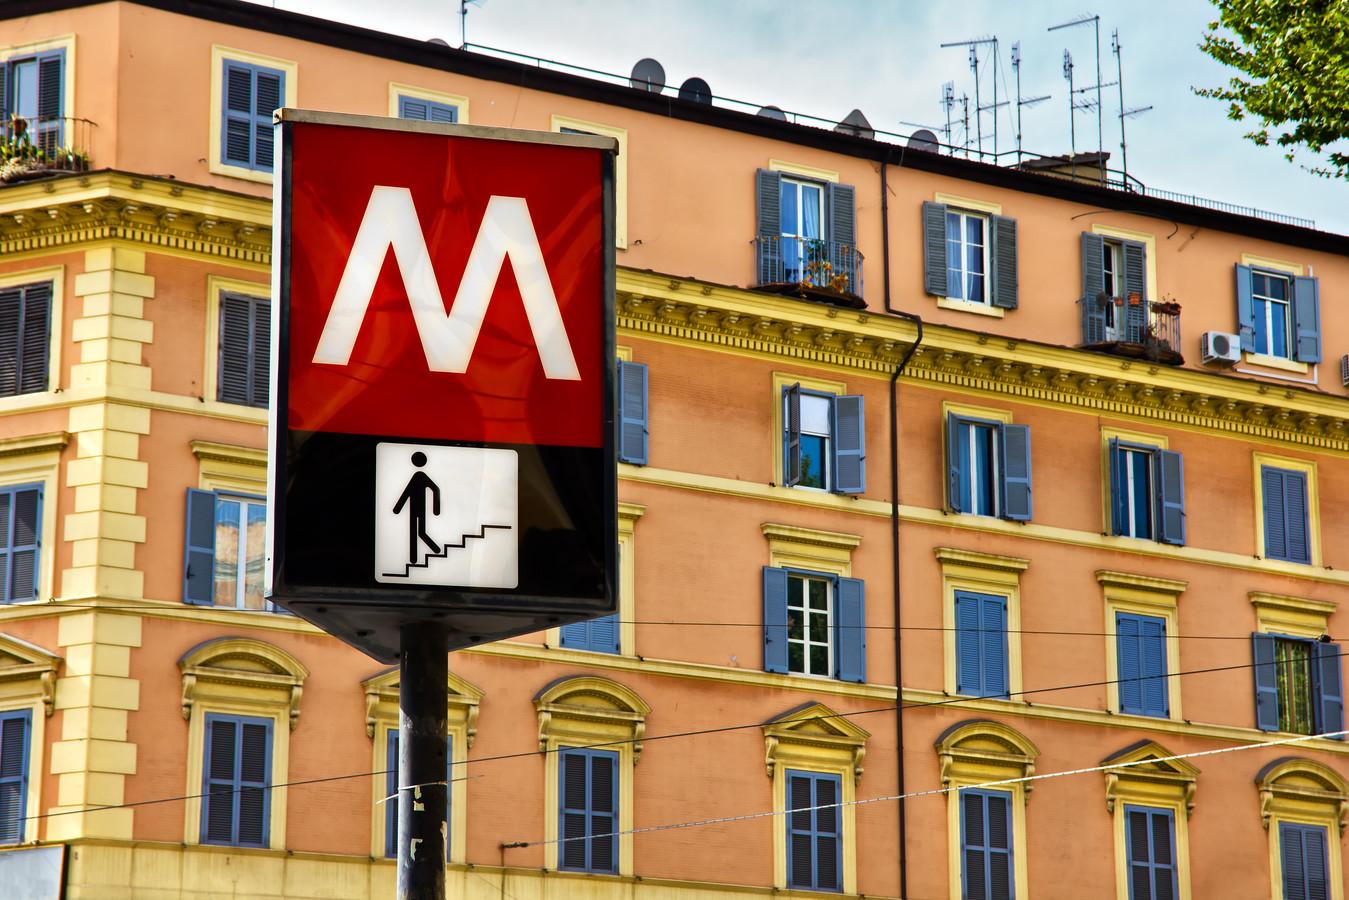 Toegang naar een metrostation in Rome, maar dan wel voor de benenwagen.